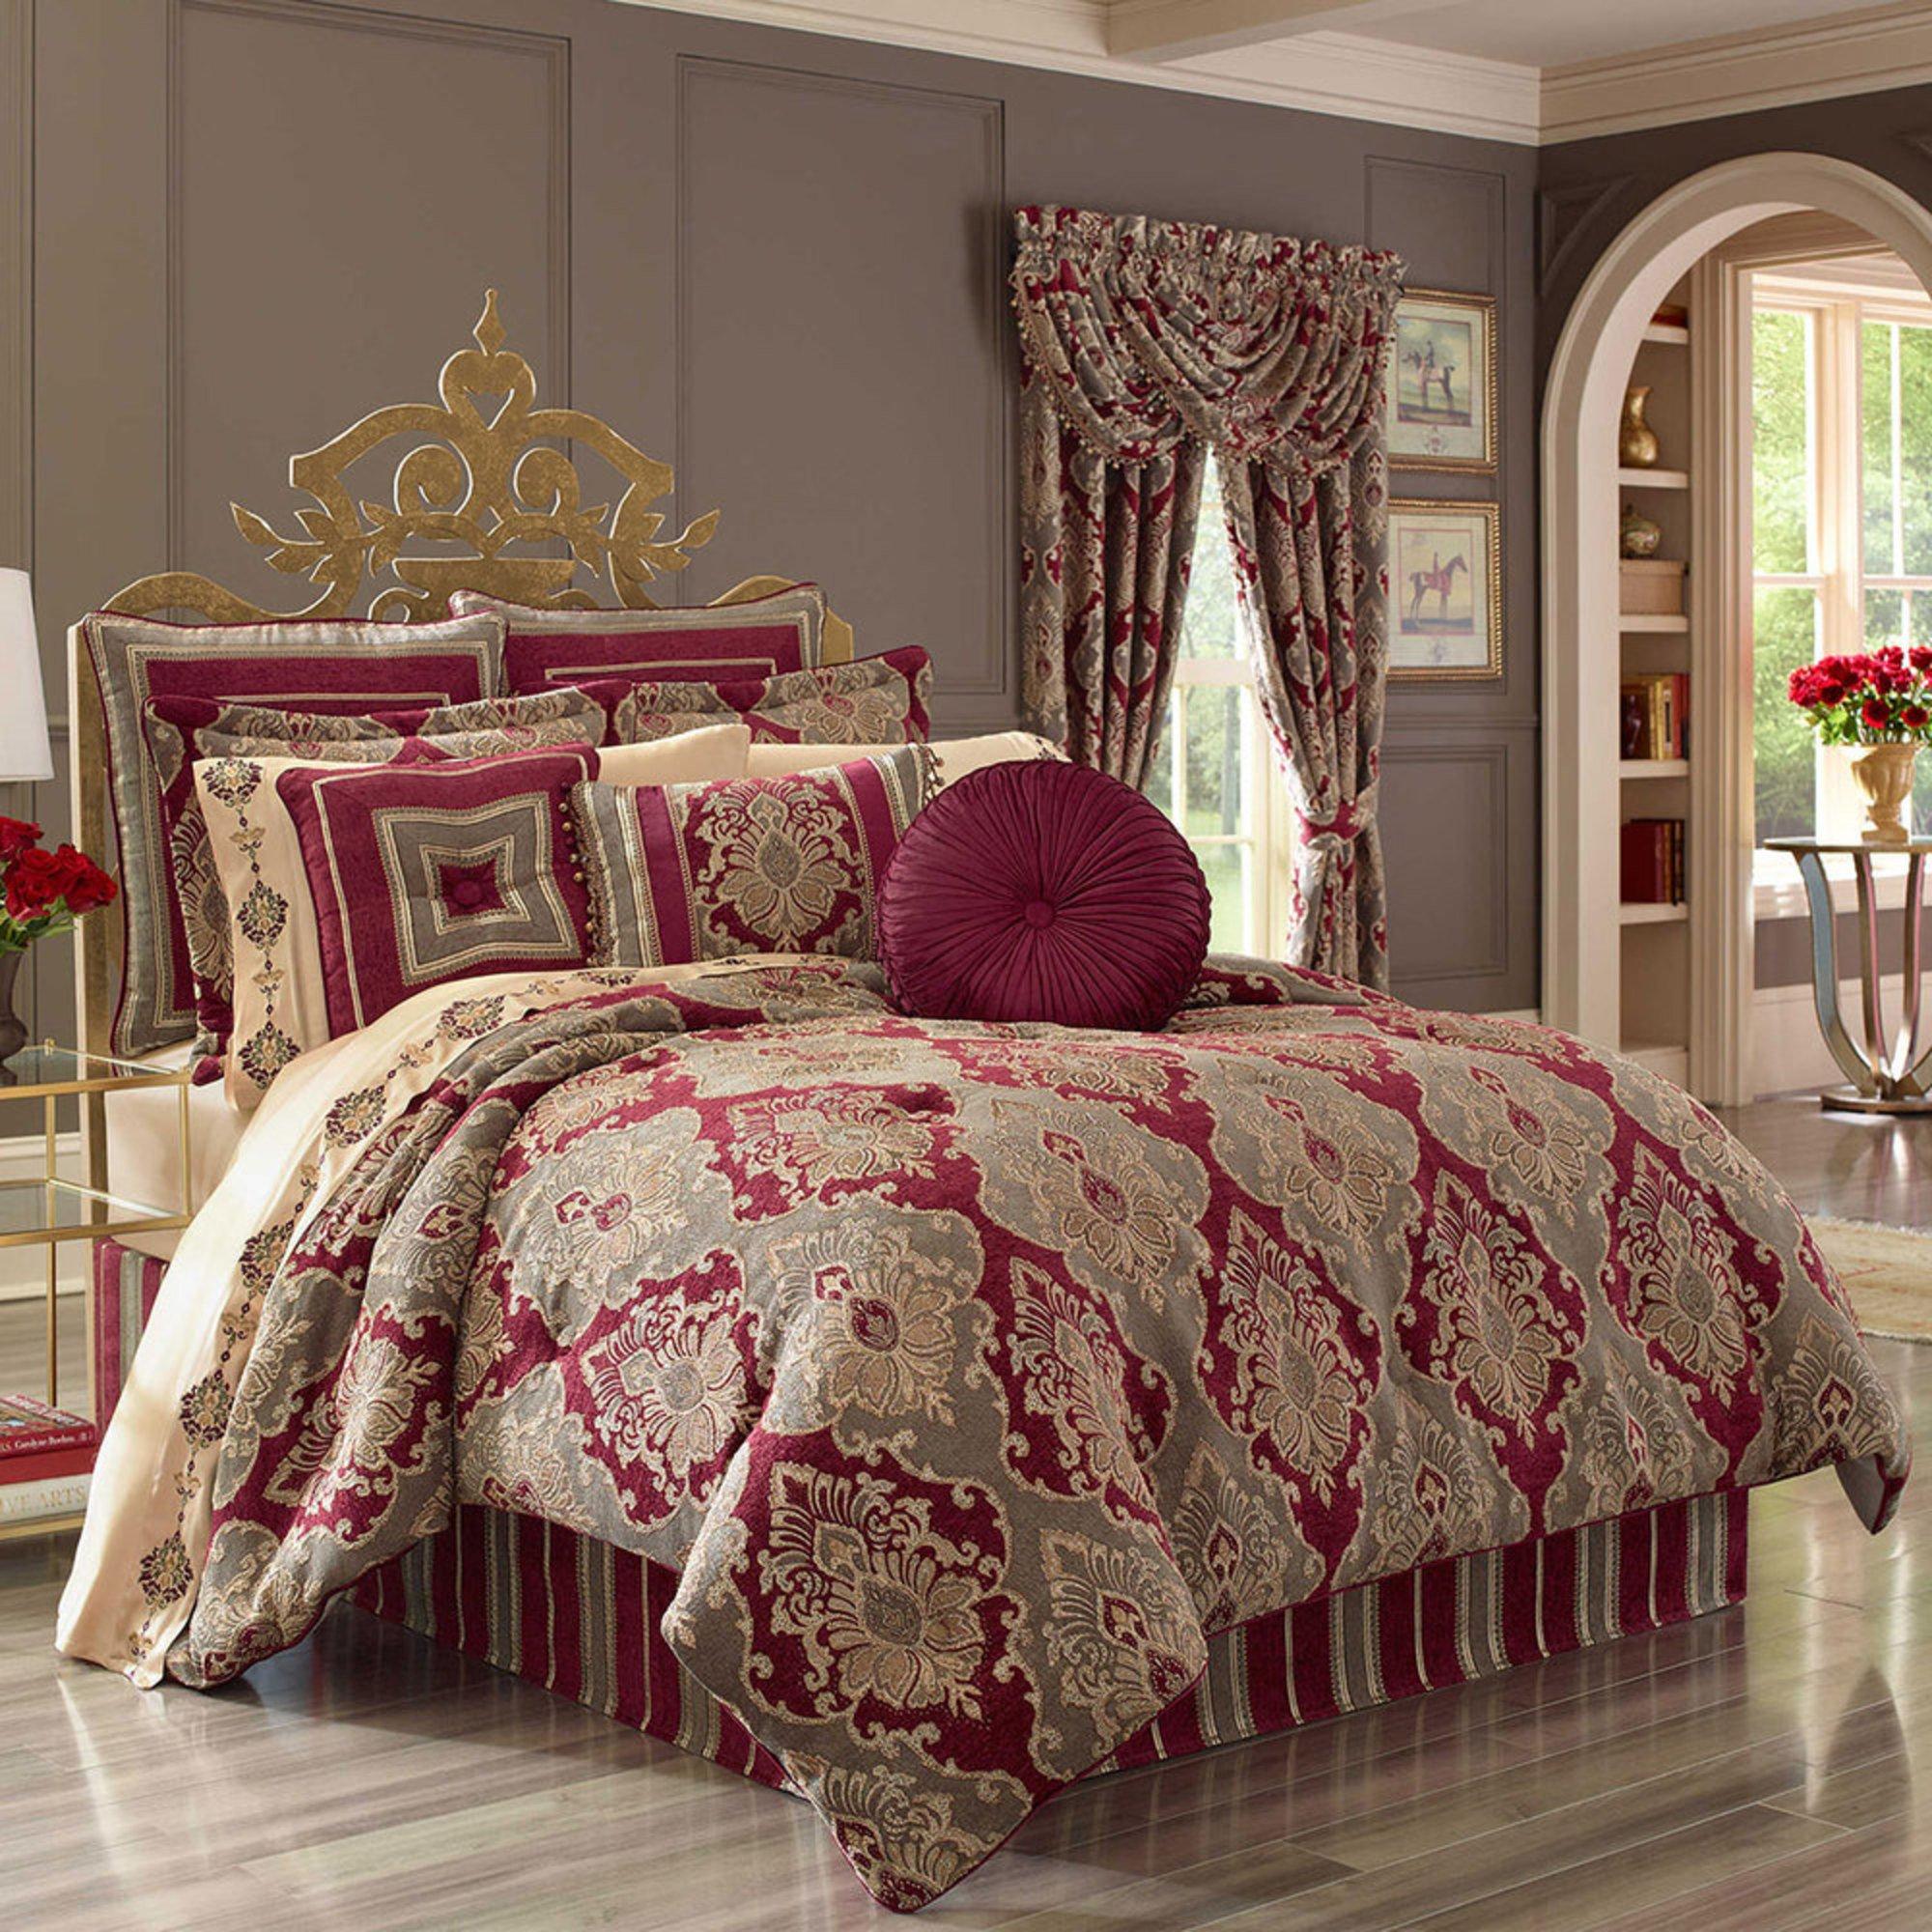 J queen new york j queen crimson red comforter set king